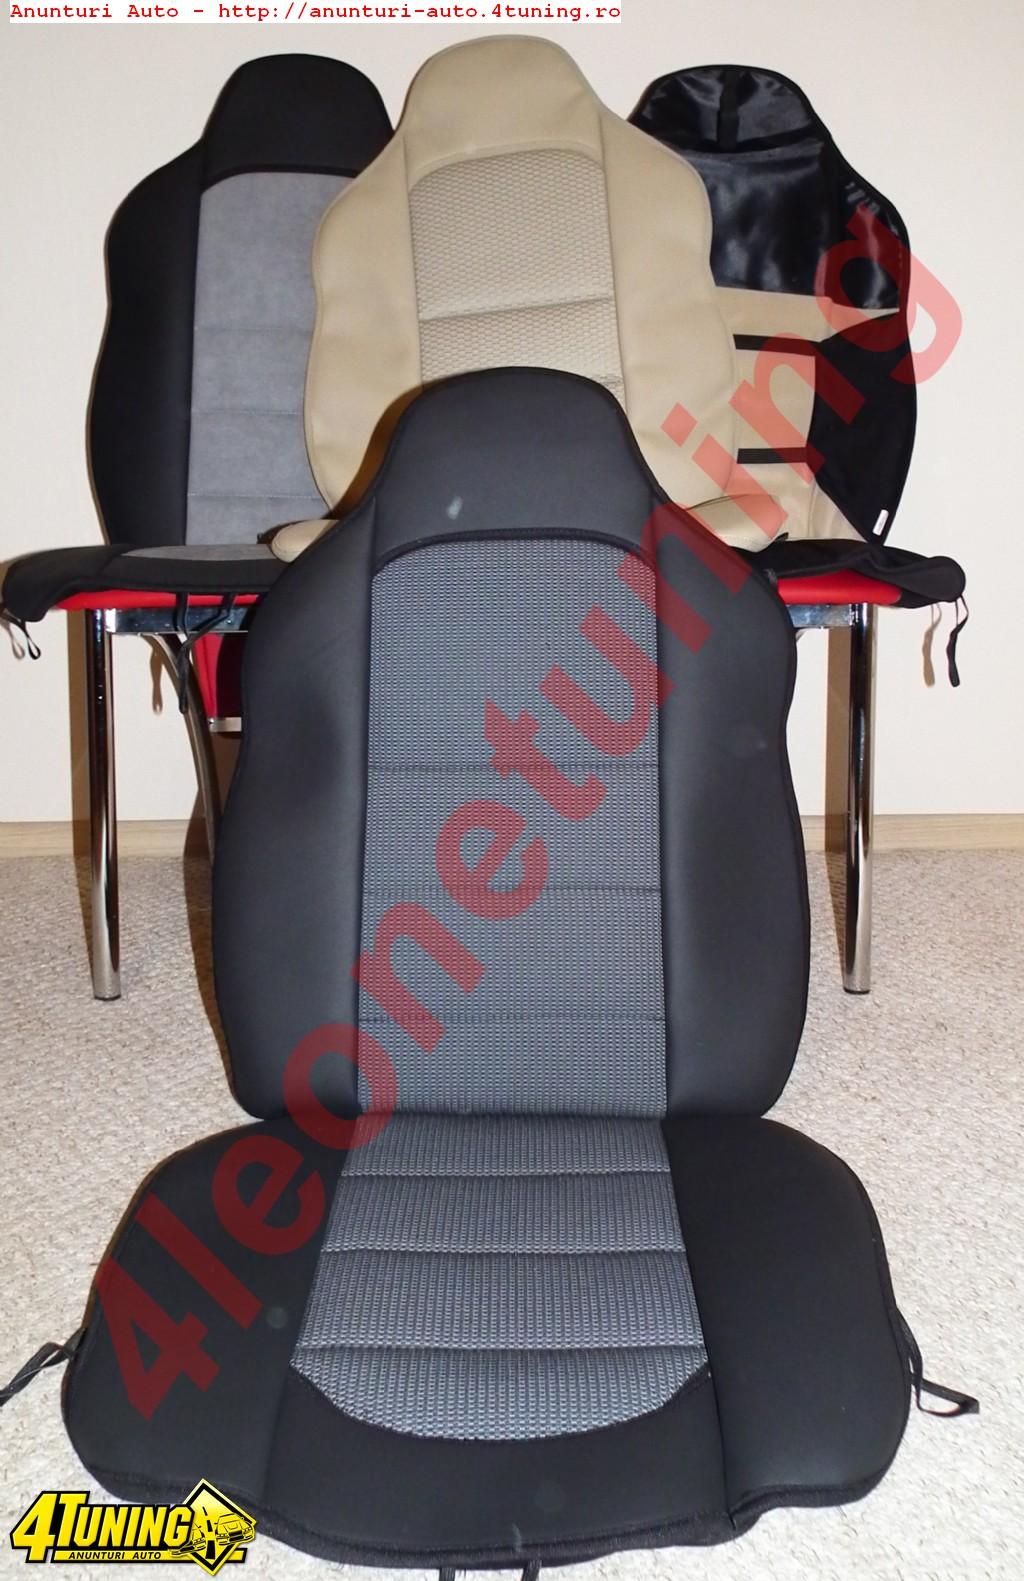 HUSE AUTO CU AIRBAG VW PASSAT B6(3C), PASSAT B7(4C), PASSAT B5.5/ B5, PASSAT CC, Scirocco,VW PHAETON